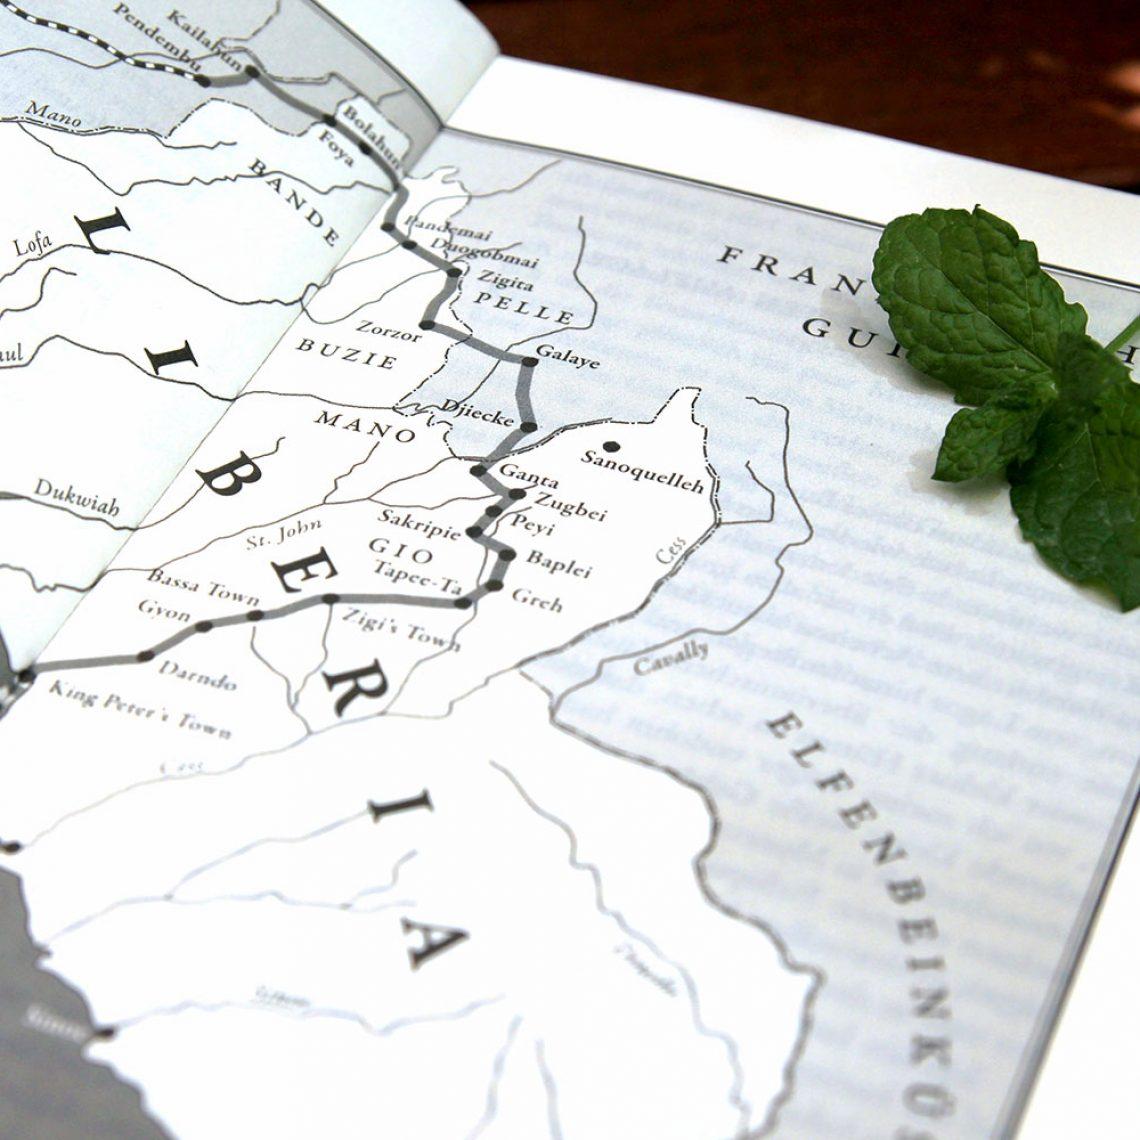 Graham Greene nimmt den Leser mit auf seine Expedition ins unbekannte Land.